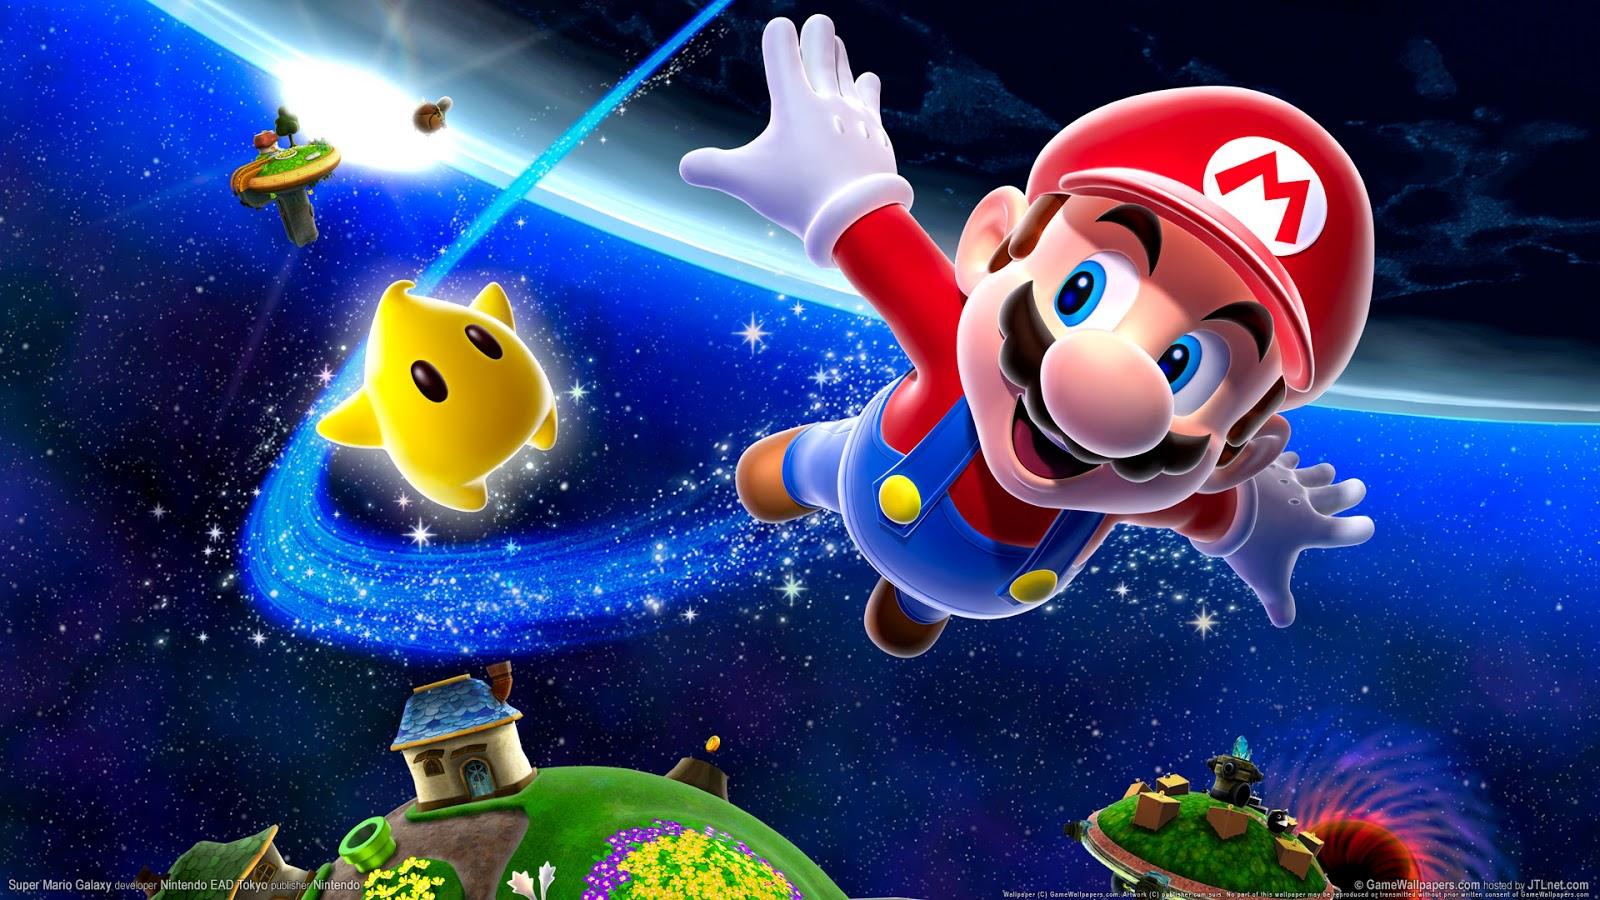 http://2.bp.blogspot.com/-DemTLYrNcT8/UZMlaJ97XeI/AAAAAAAADI8/puHmJZCNDe0/s1600/Super+Mario+Bros+hd+wallpaper+10.jpg